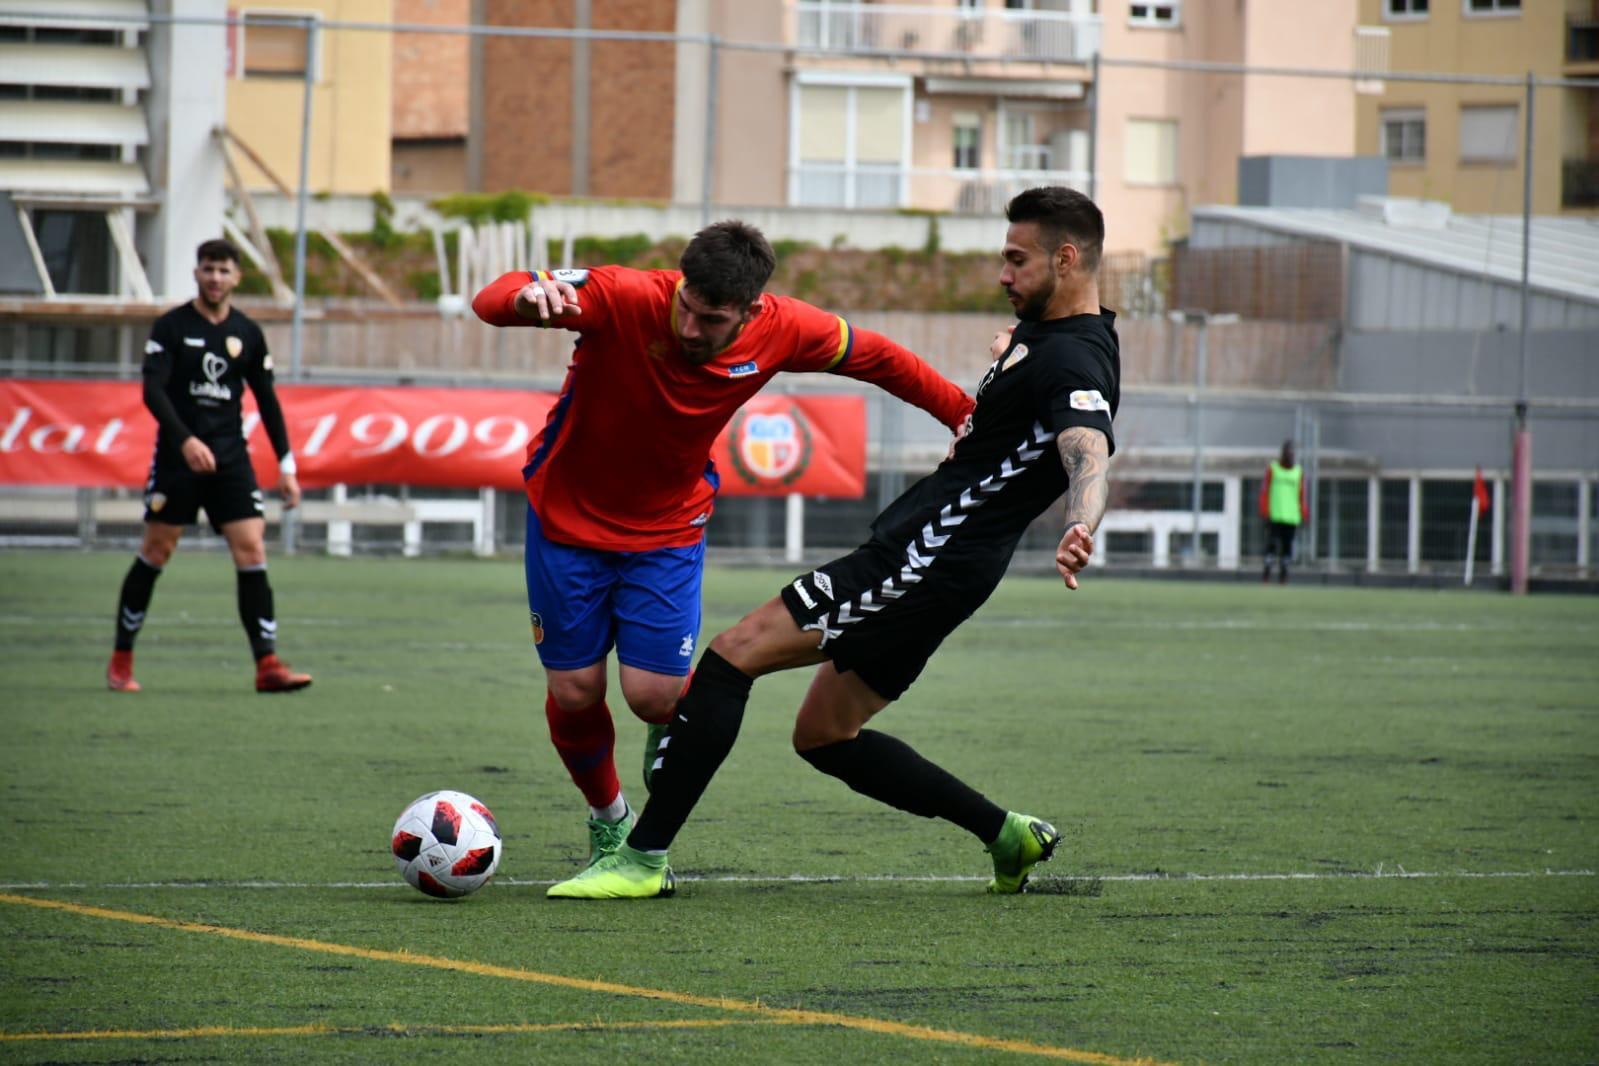 Empat a 2 entre el FC Martinenc i el CF Pobla de Mafumet